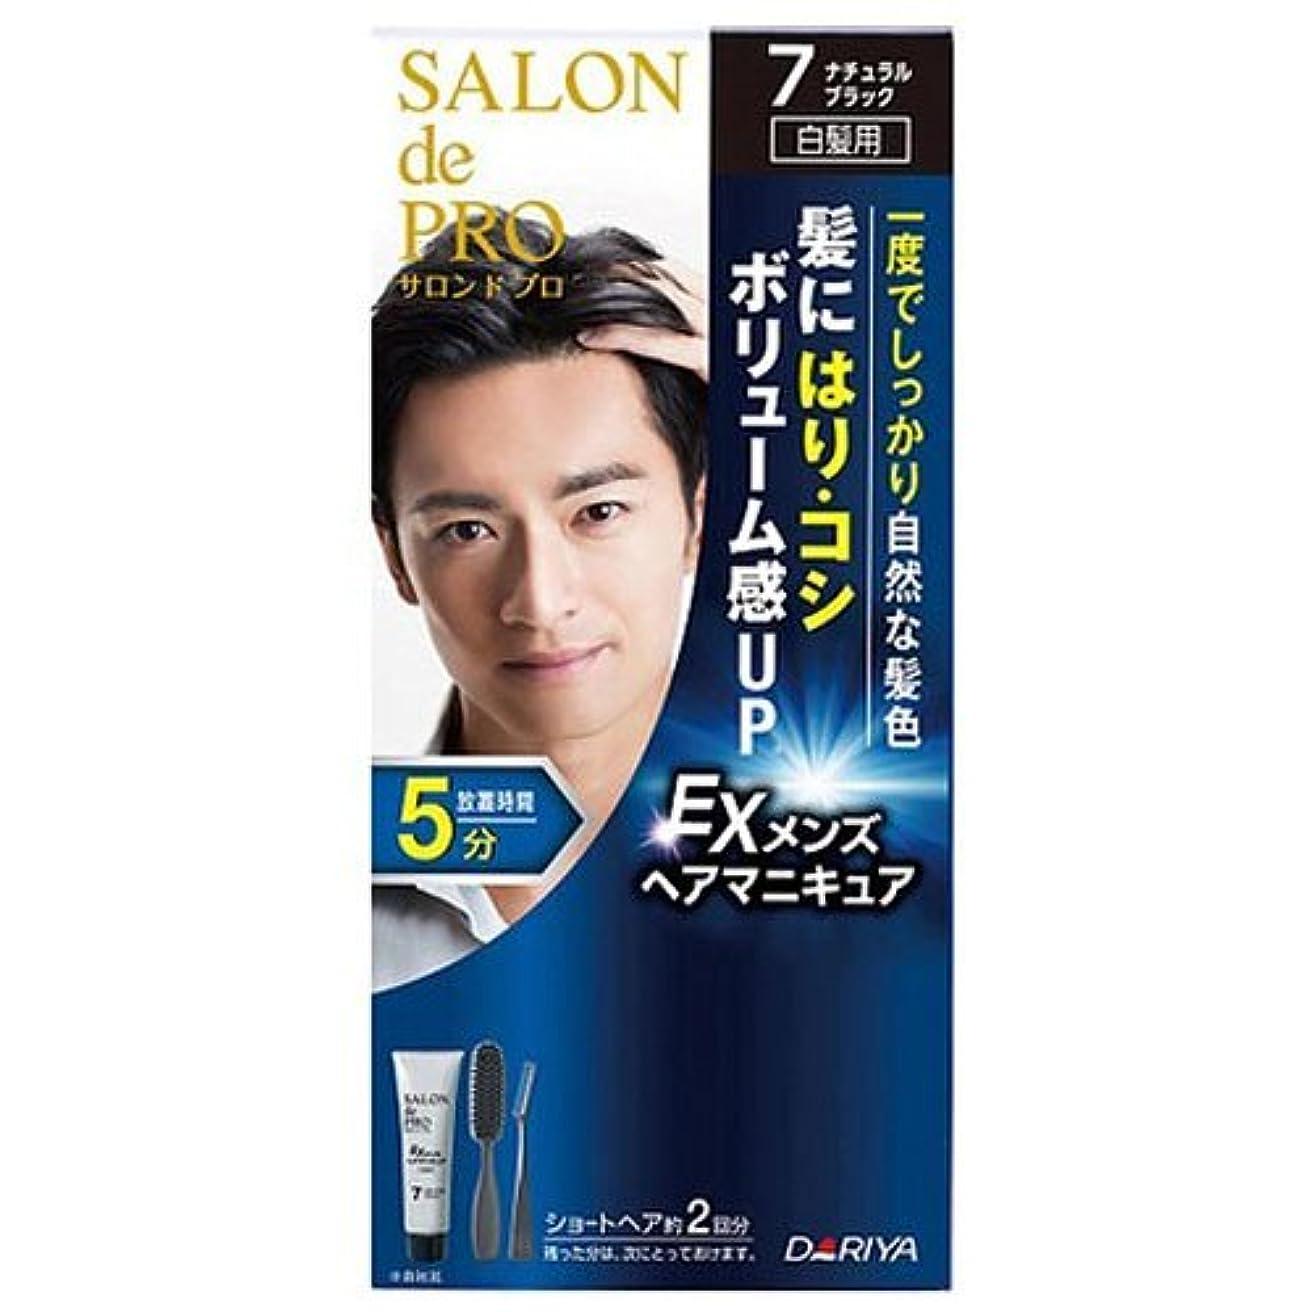 銀芽十分ではないサロンドプロ EXメンズヘアマニキュア 白髪用 7 ナチュラルブラック